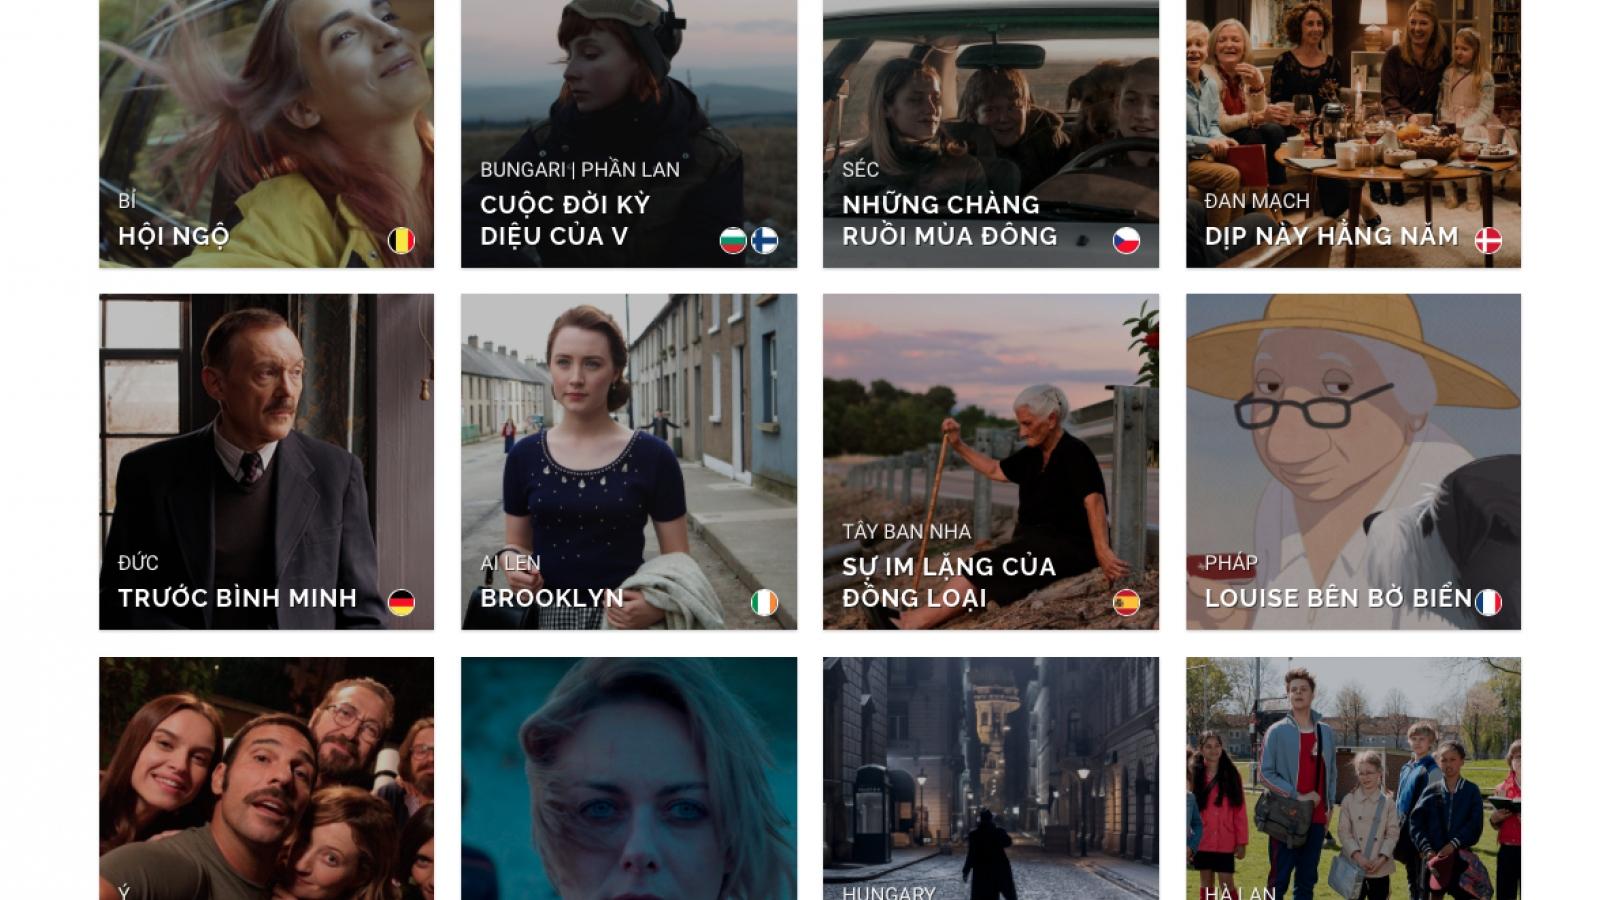 Công chiếu siêu phẩm điện ảnh của 14 quốc gia trong Liên hoan phim châu Âu 2020